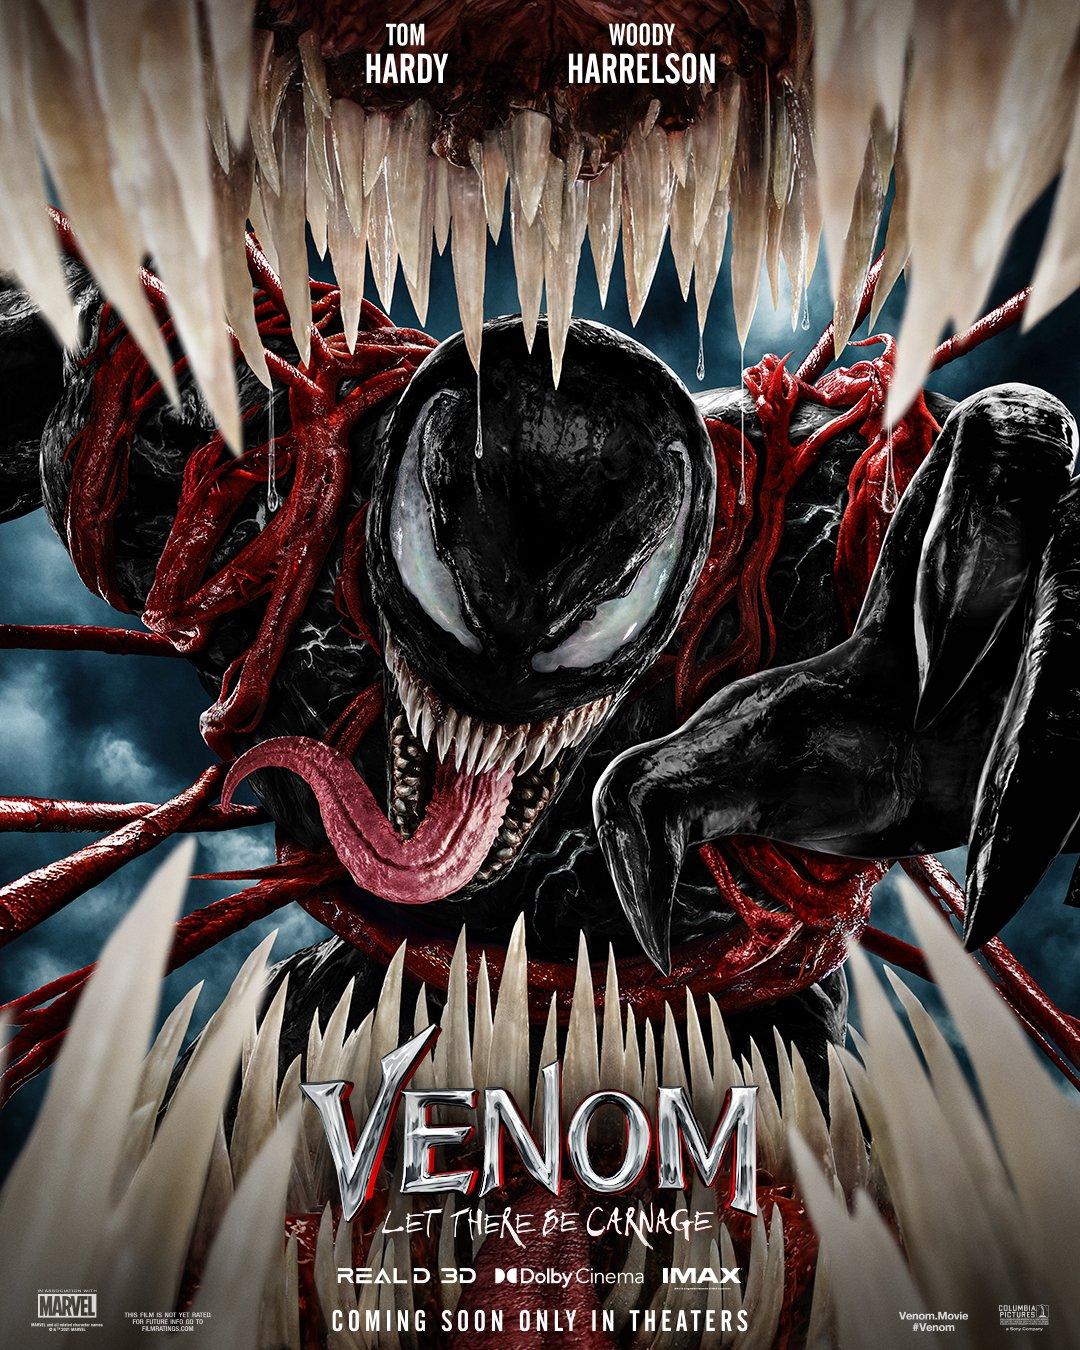 El primer tráiler de 'Venom 2' revela a Carnage 2